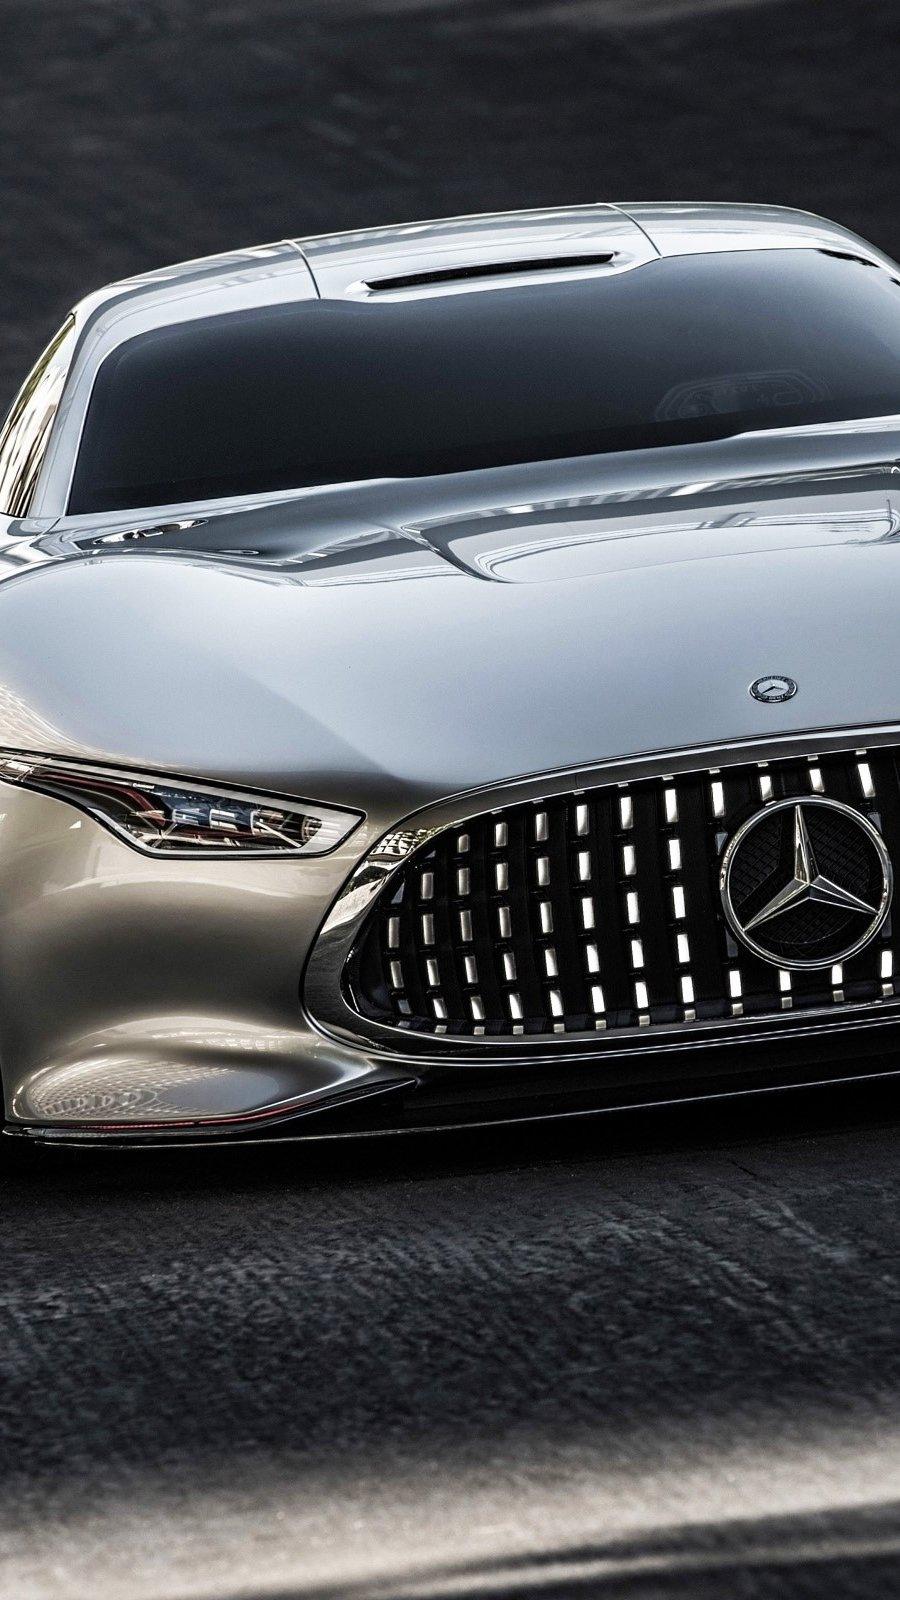 Fondos de pantalla Mercedes Benz AMG vision Gran turismo Vertical